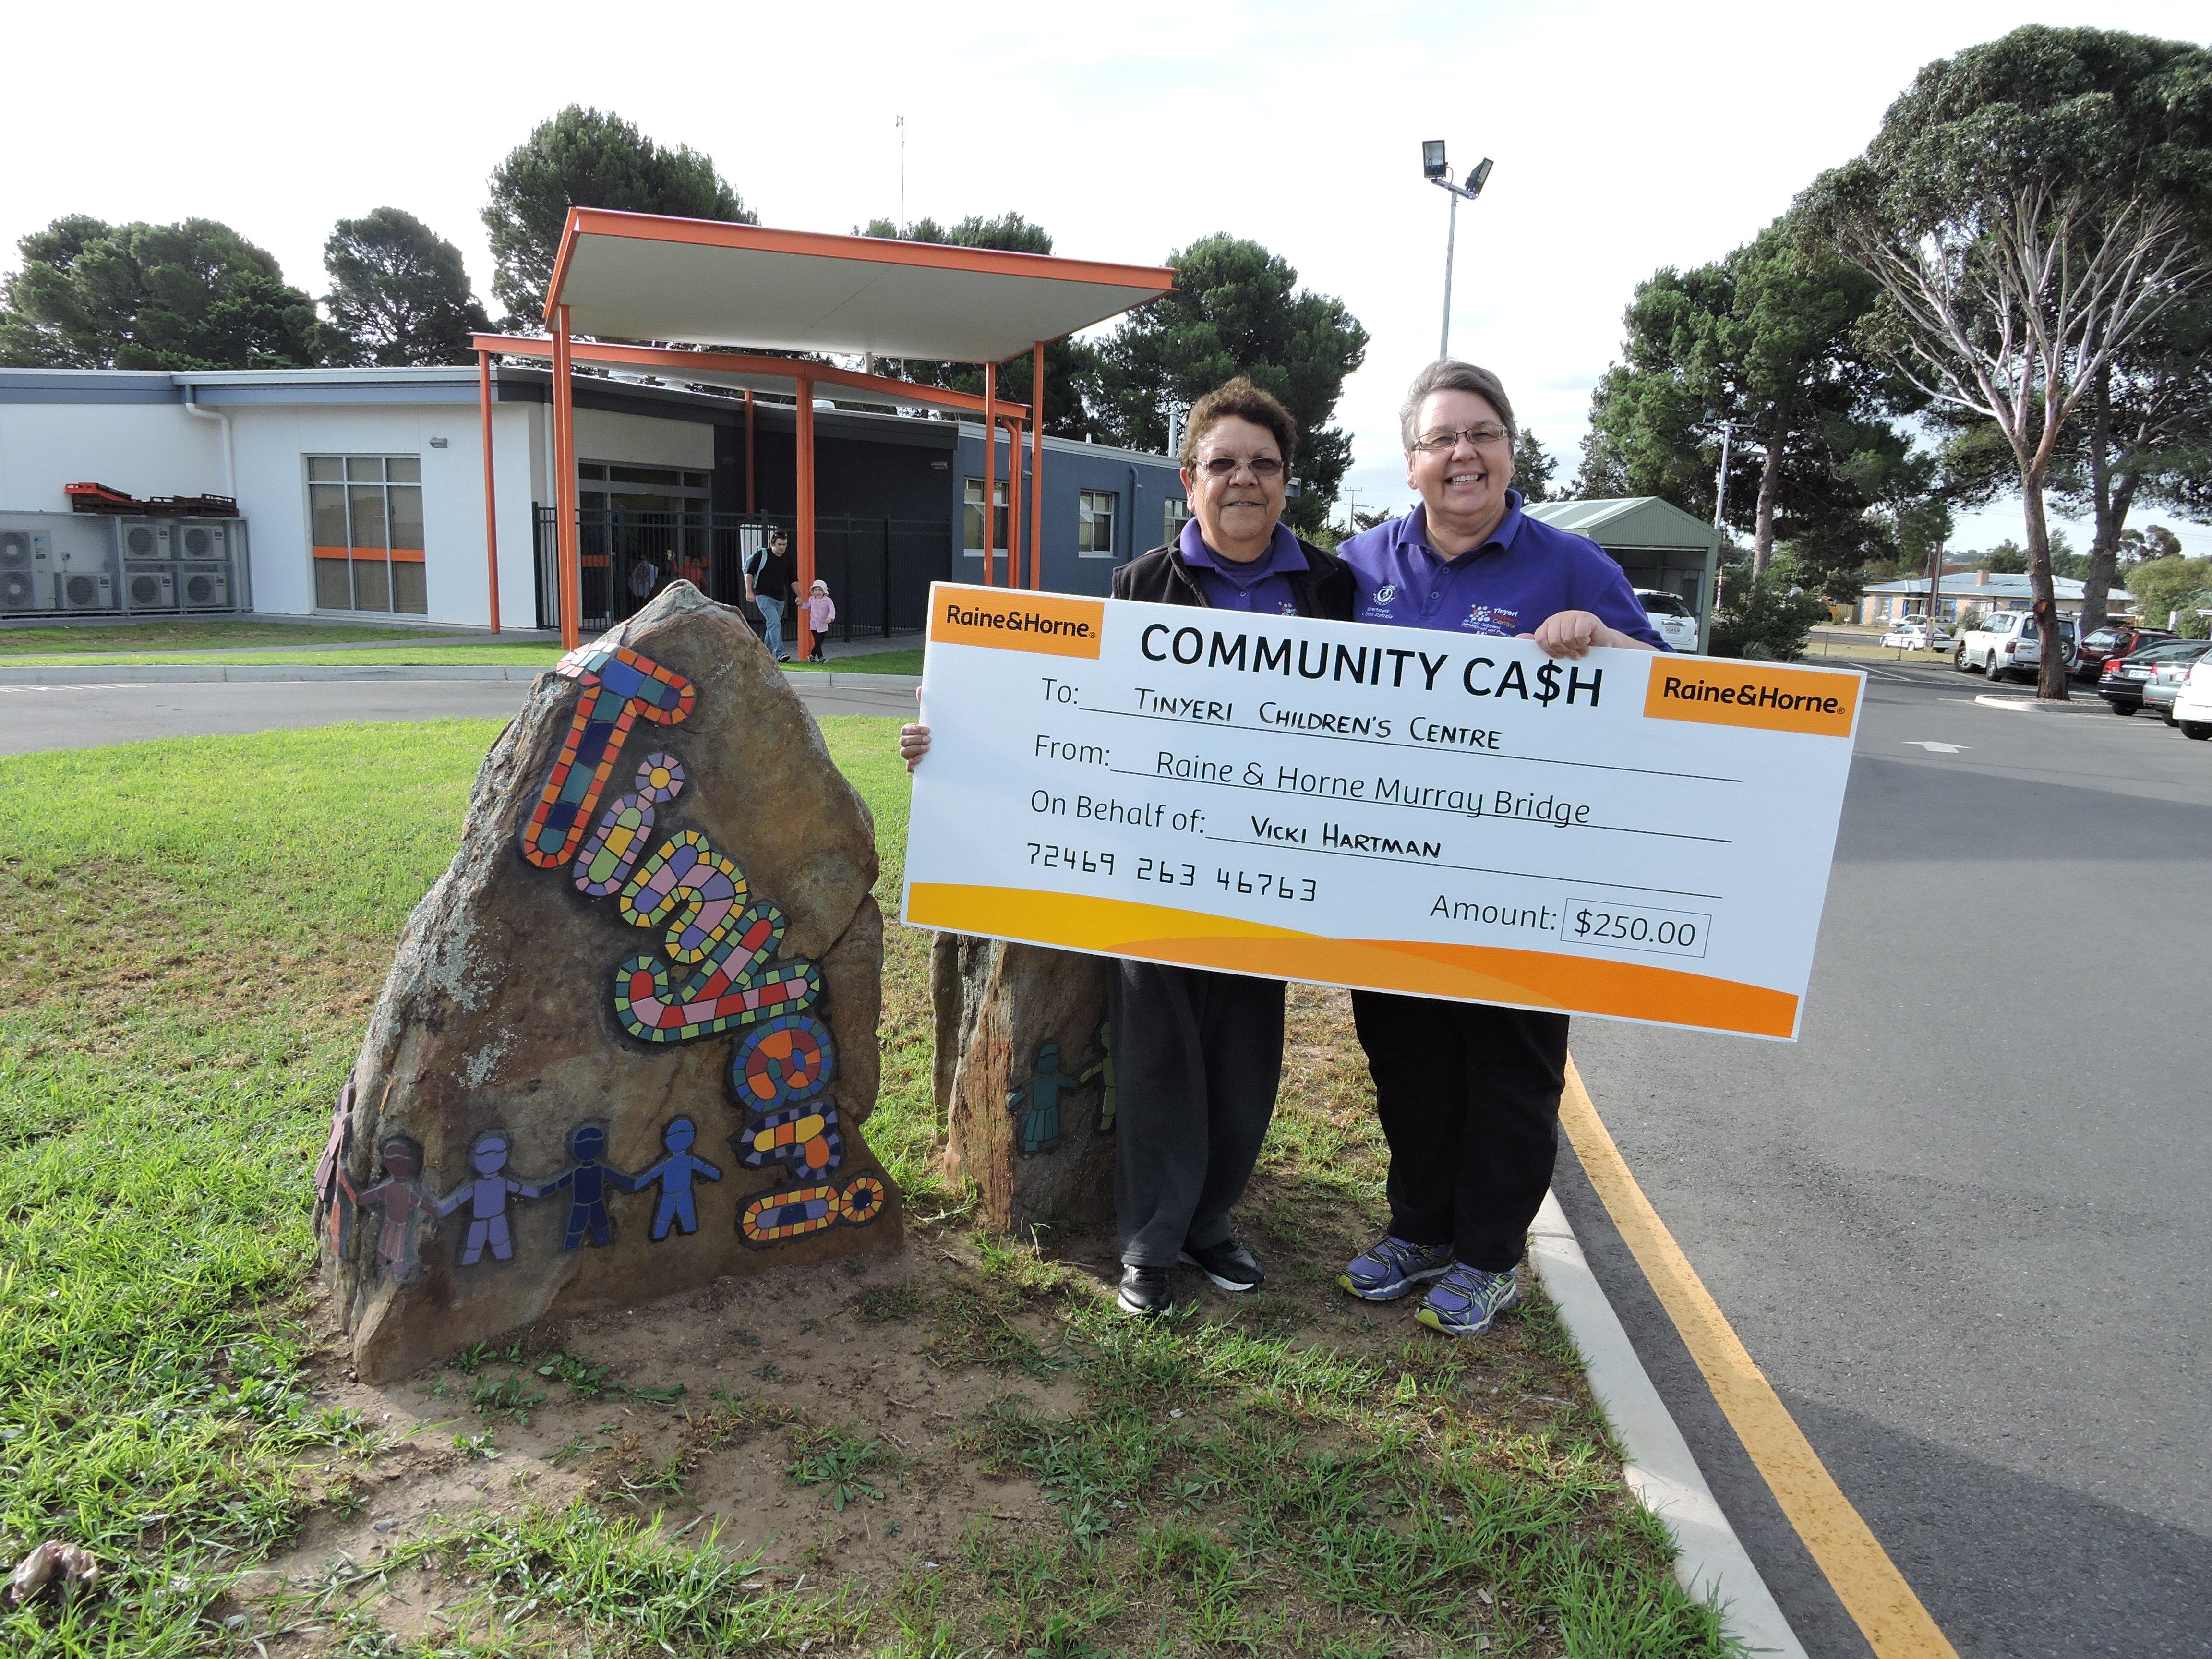 Community Cash - Tinyeri Kindergarden Murray Bridge